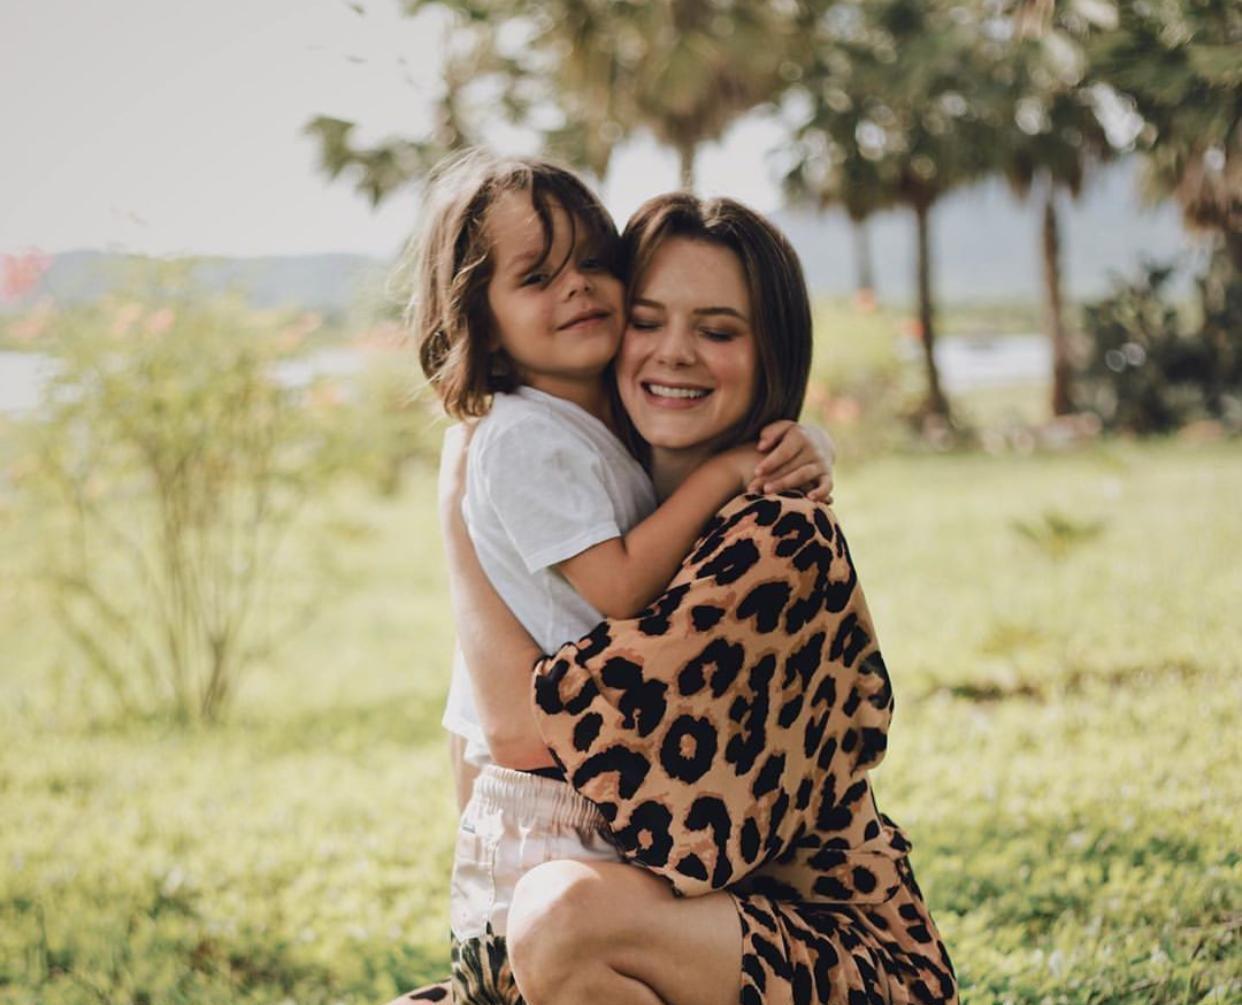 Bento e Paulinha Sampaio brilham na campanha de Dia das Mães do RioMar Fortaleza